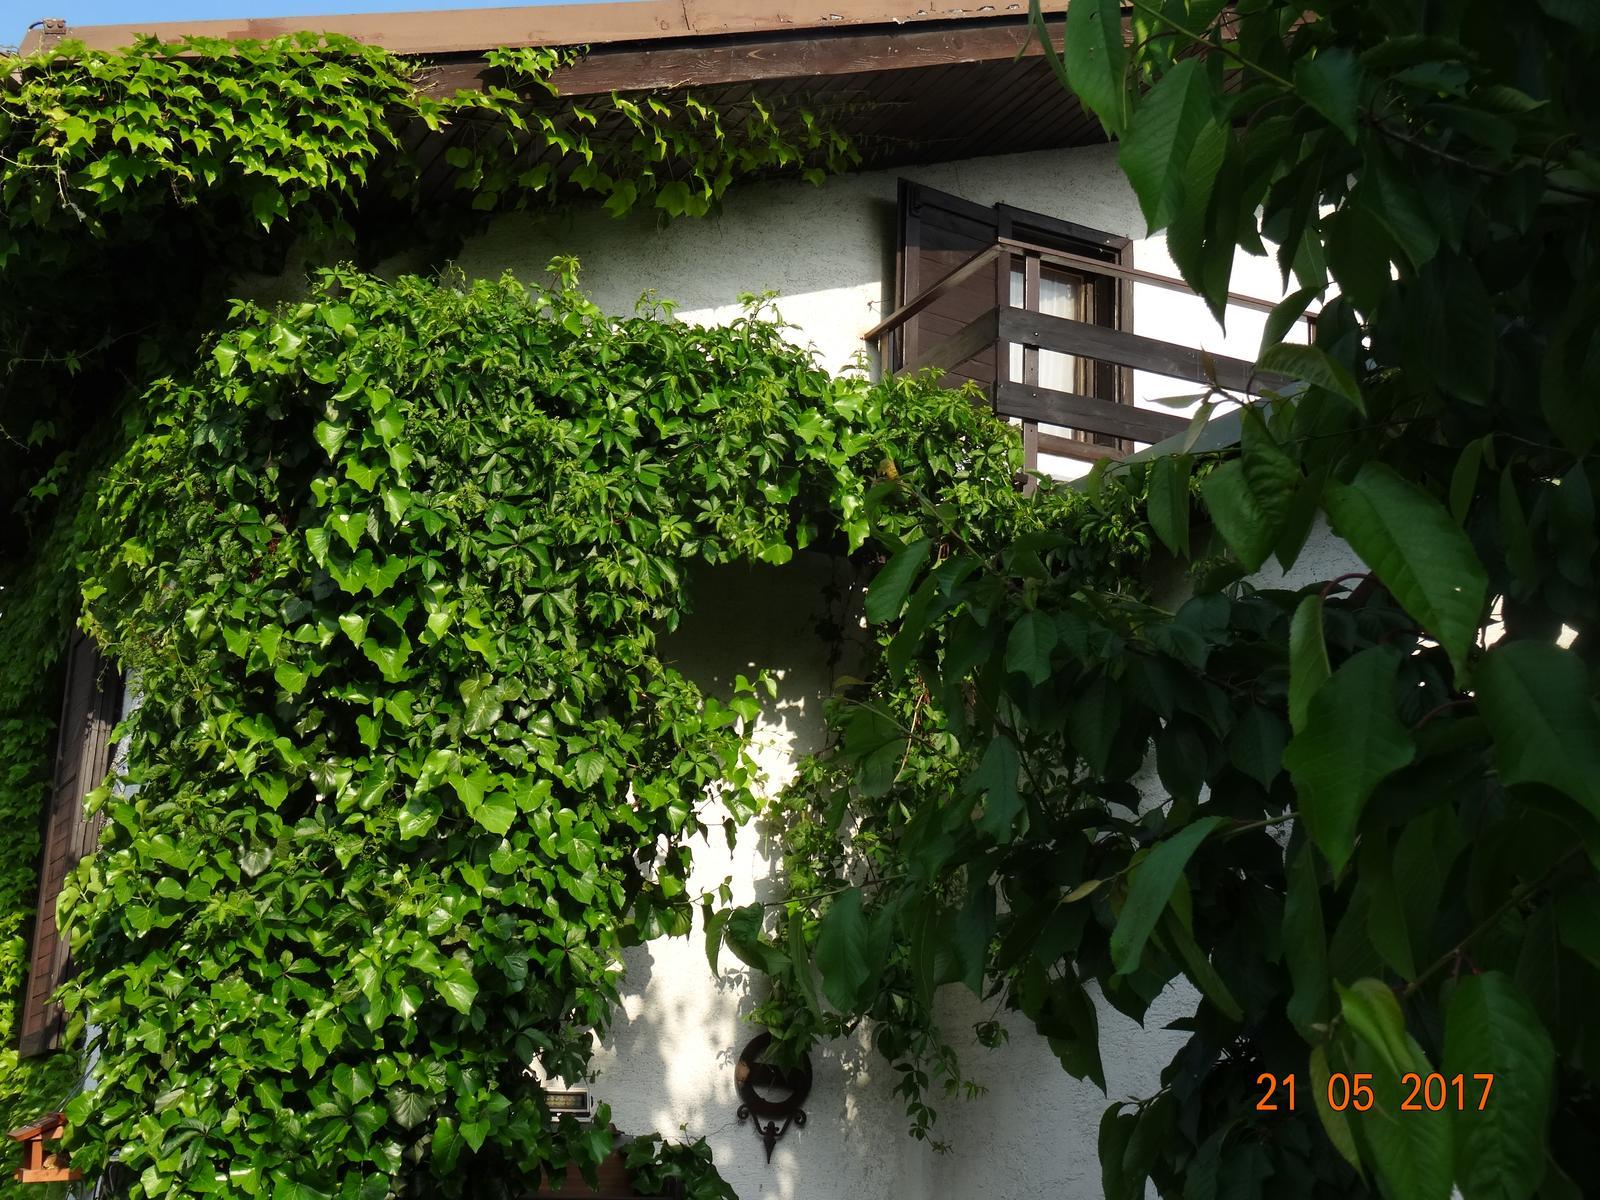 Niečo z našej záhradky - Obrázok č. 1